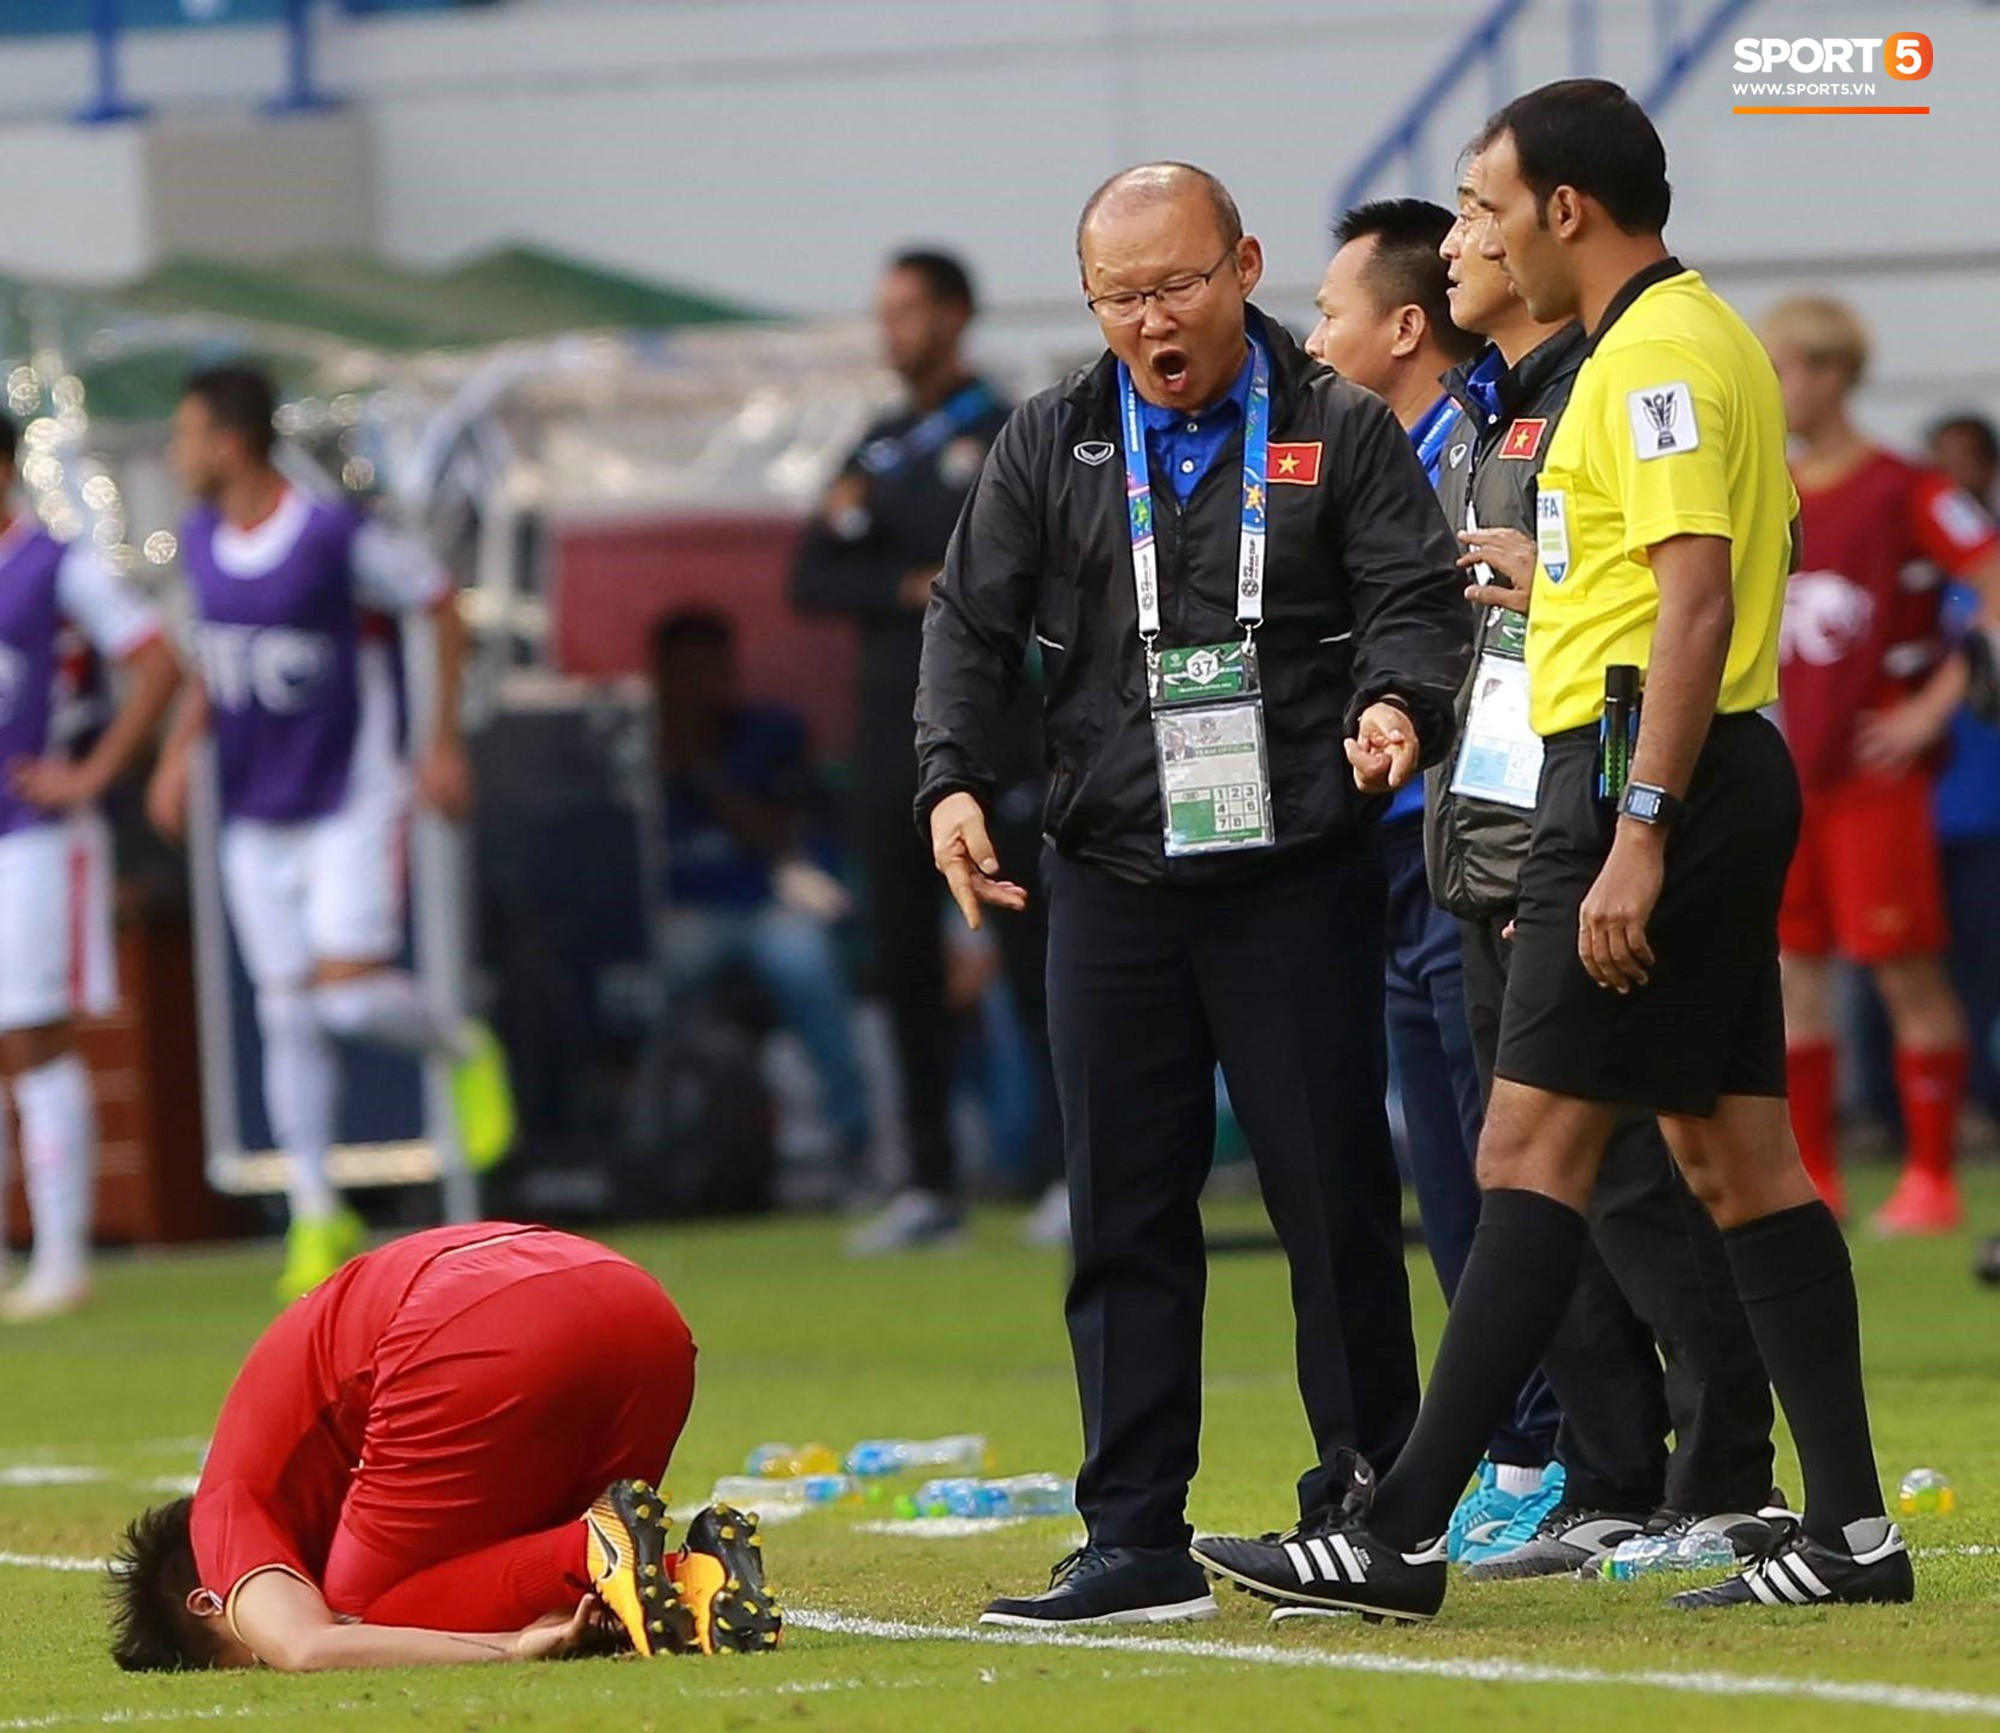 Quang Hải bị phạm lỗi, HLV Park Hang Seo gắt với cả trọng tài và HLV Jordan để đòi công bằng-4